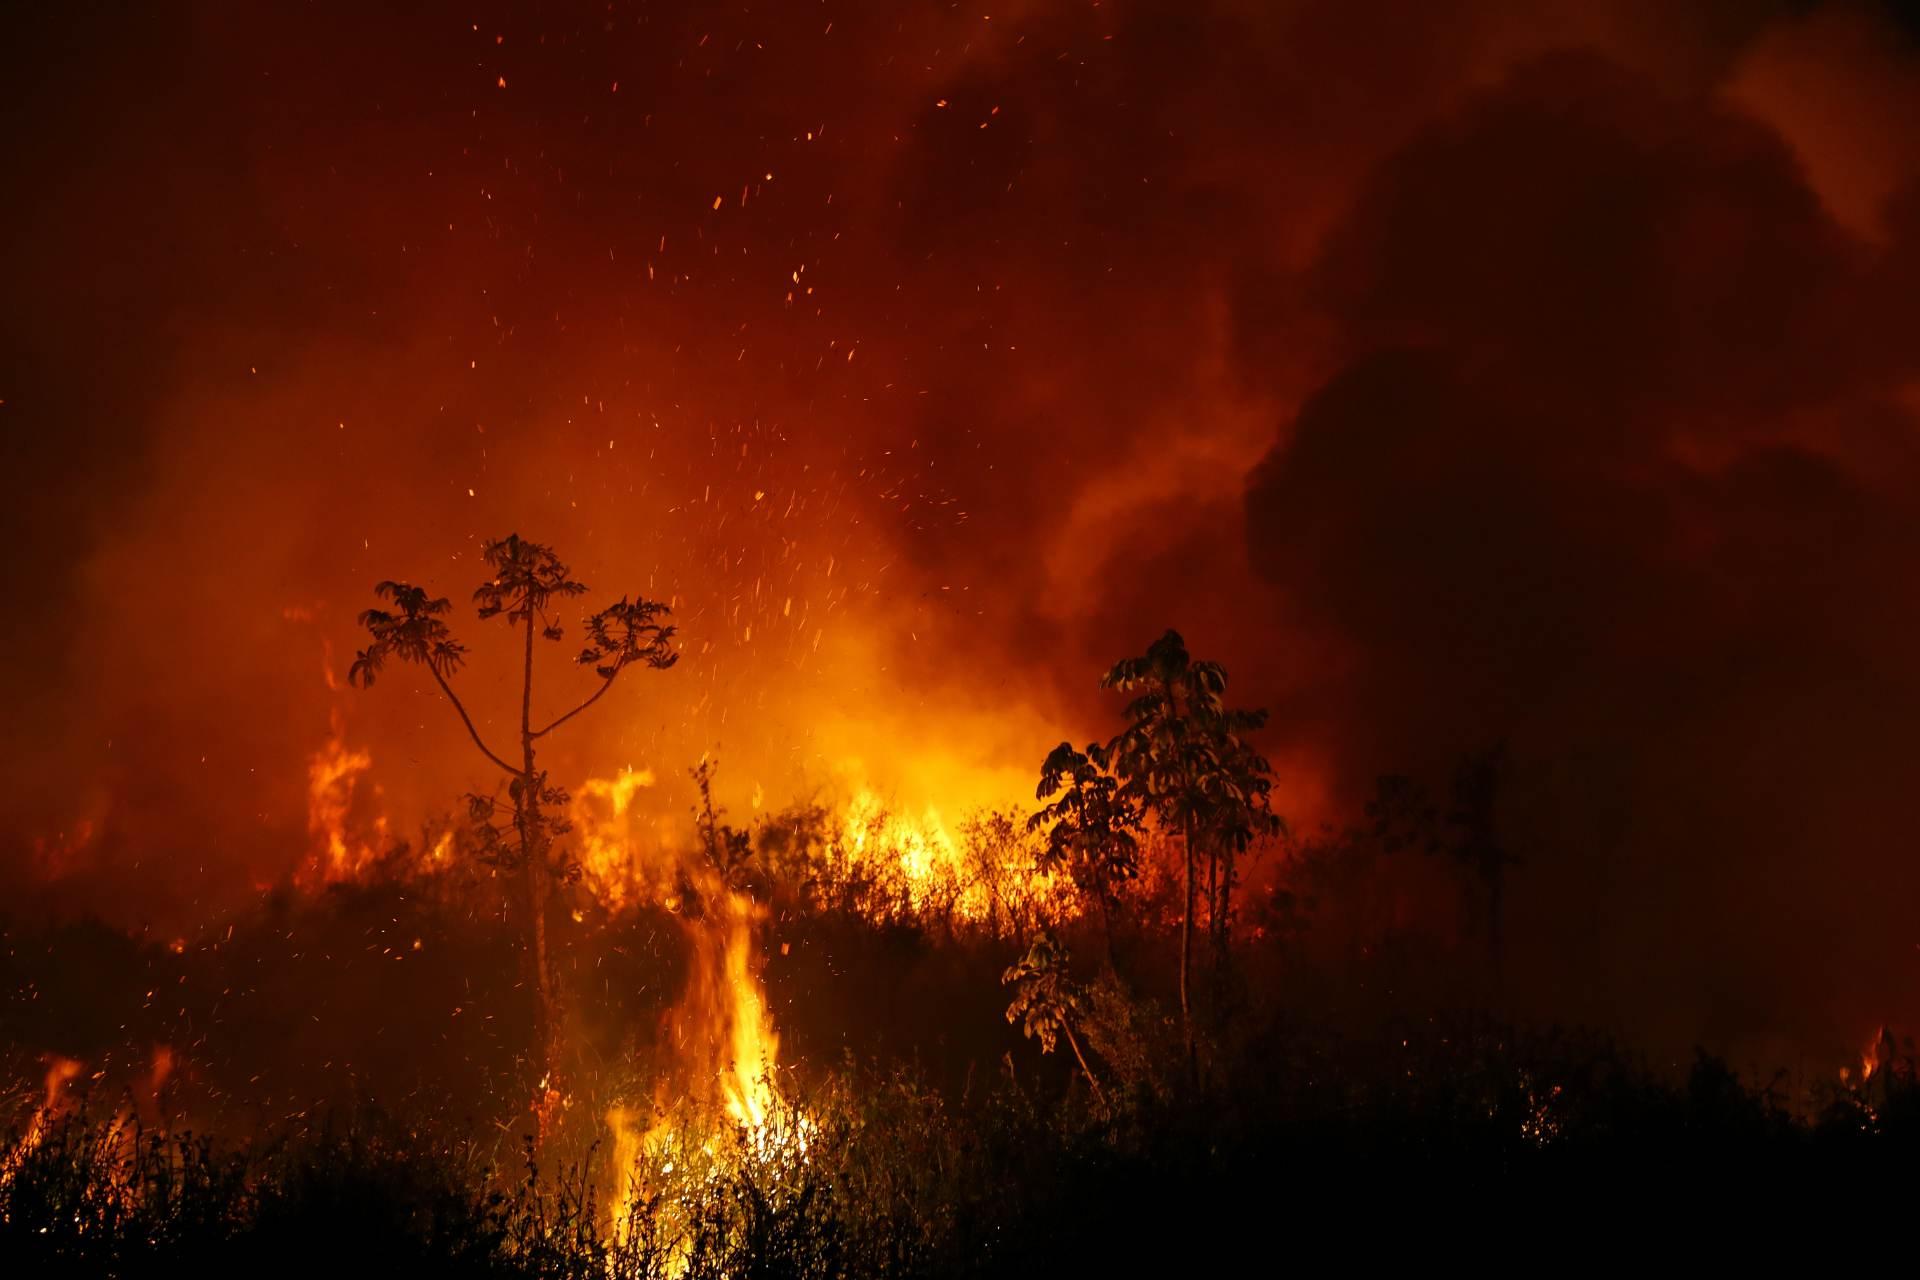 Fumaça e chamas de queimada no Pantanal, em Poconé, no Mato Grosso